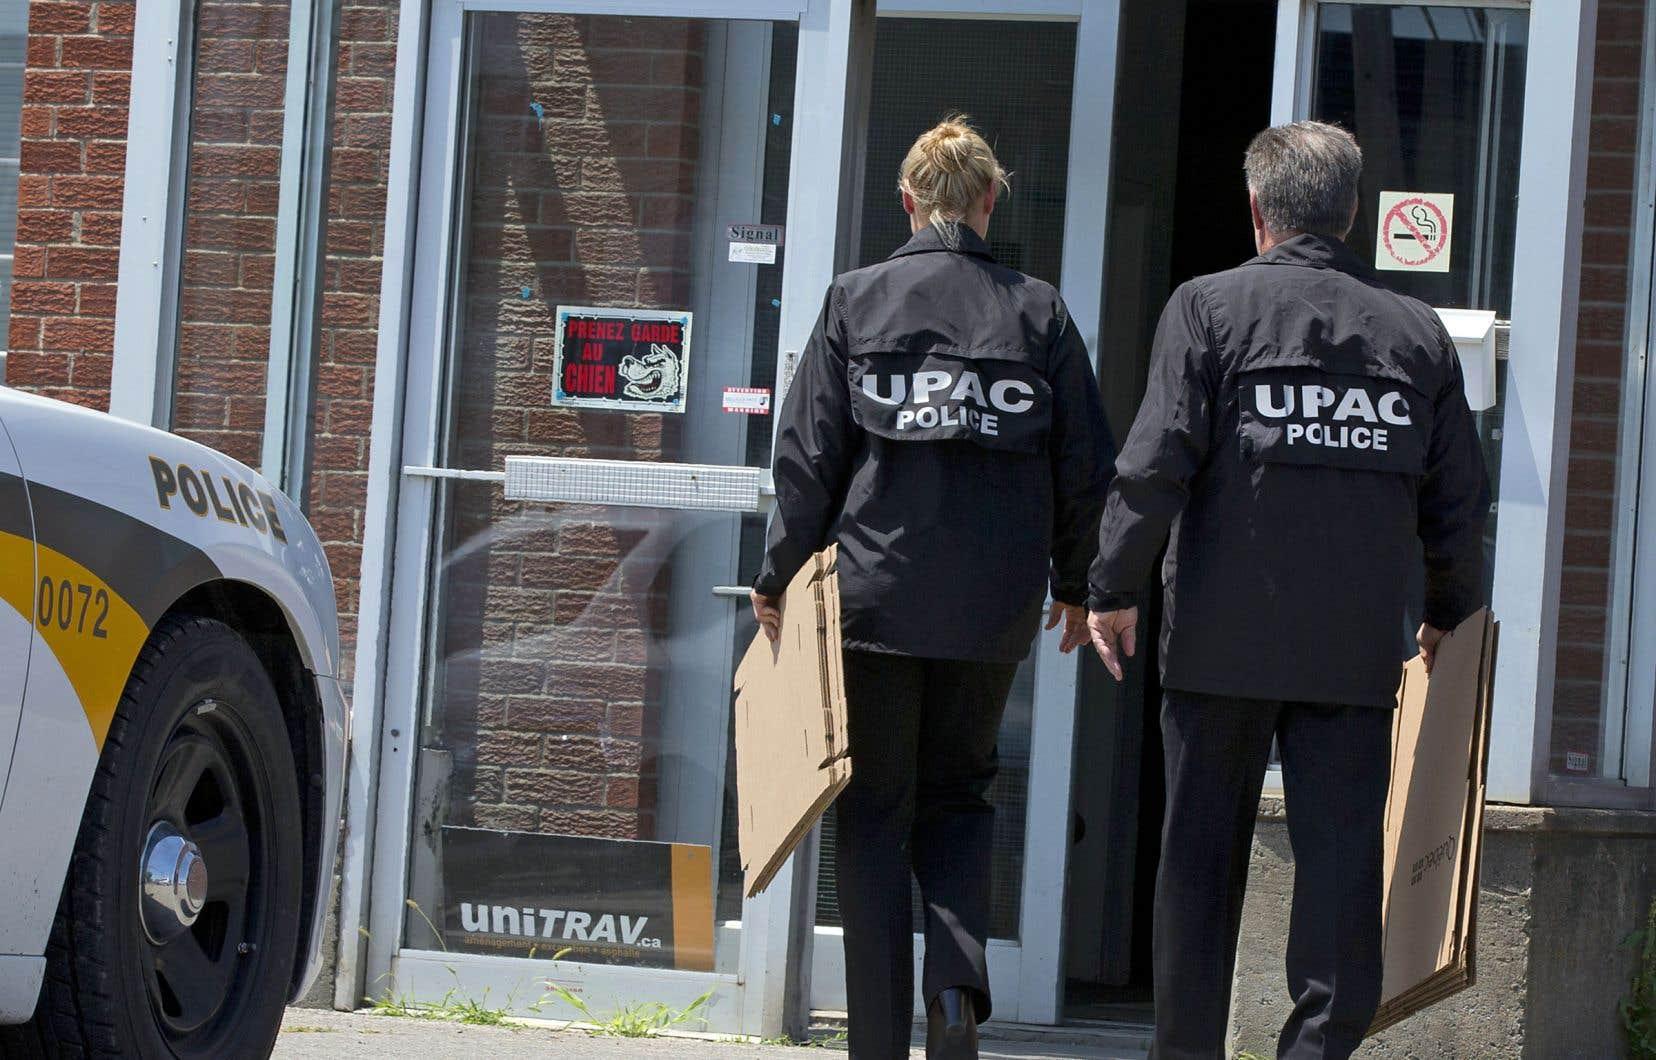 Les chercheurs de l'Université de Montréal ont développé un système permettant de détecter la présence possible de collusion et de corruption dans l'octroi des contrats.